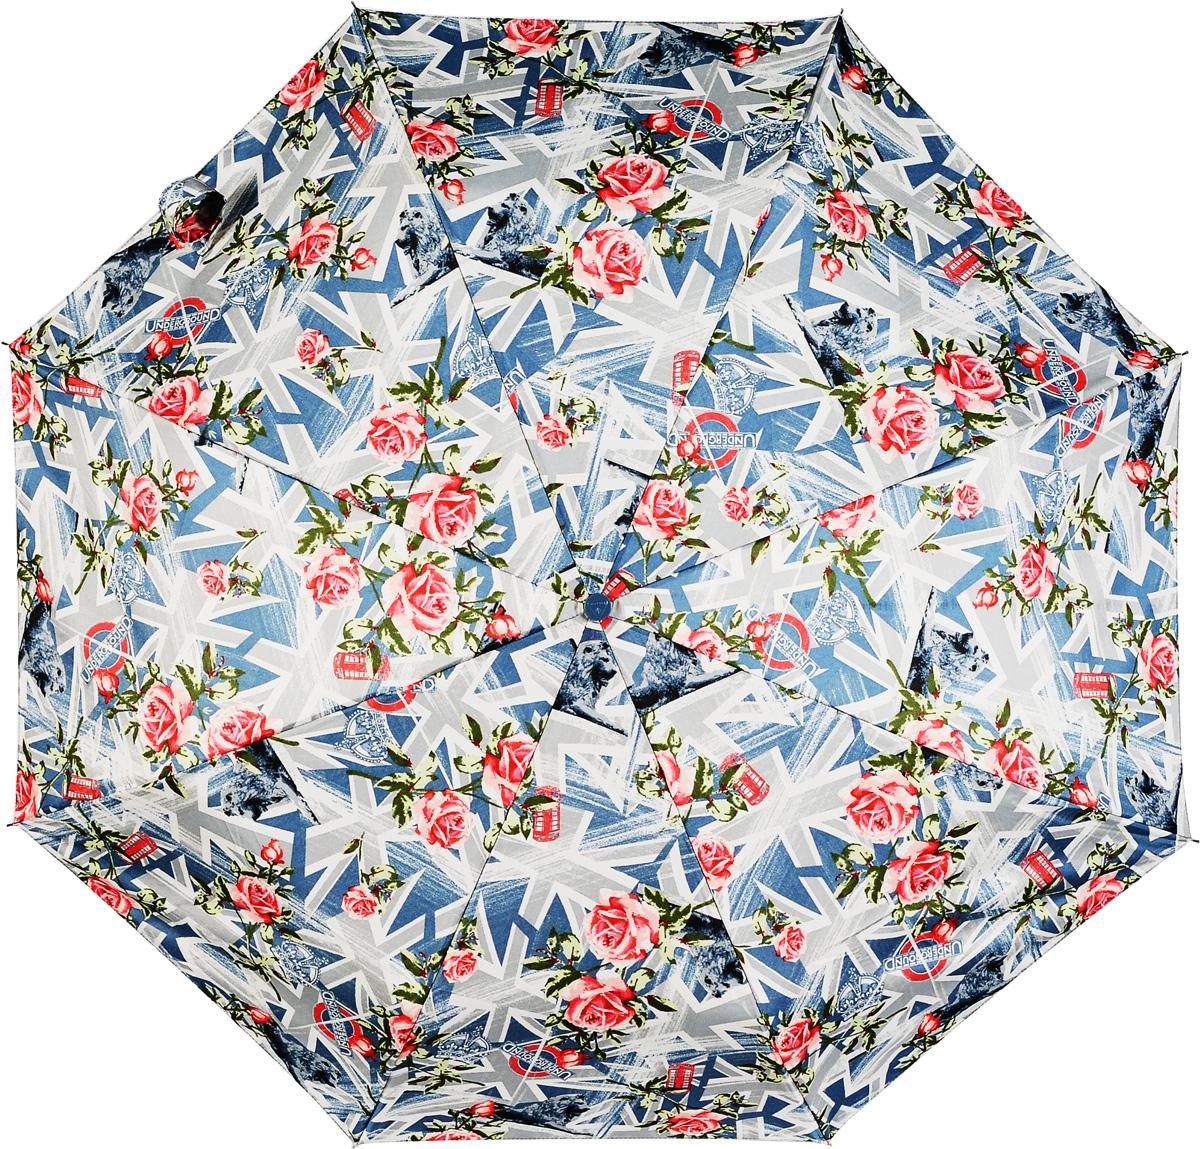 Зонт женский механика Fulton, расцветка: флаг. L450-2432 IconFlagPrintL450-2432 IconFlagPrintНадежный механический зонт. Ветроустойчивая конструкция. Большой купол. З сложения, 8 спиц Длина в сложенном виде 24 см, диаметр купола 98 см